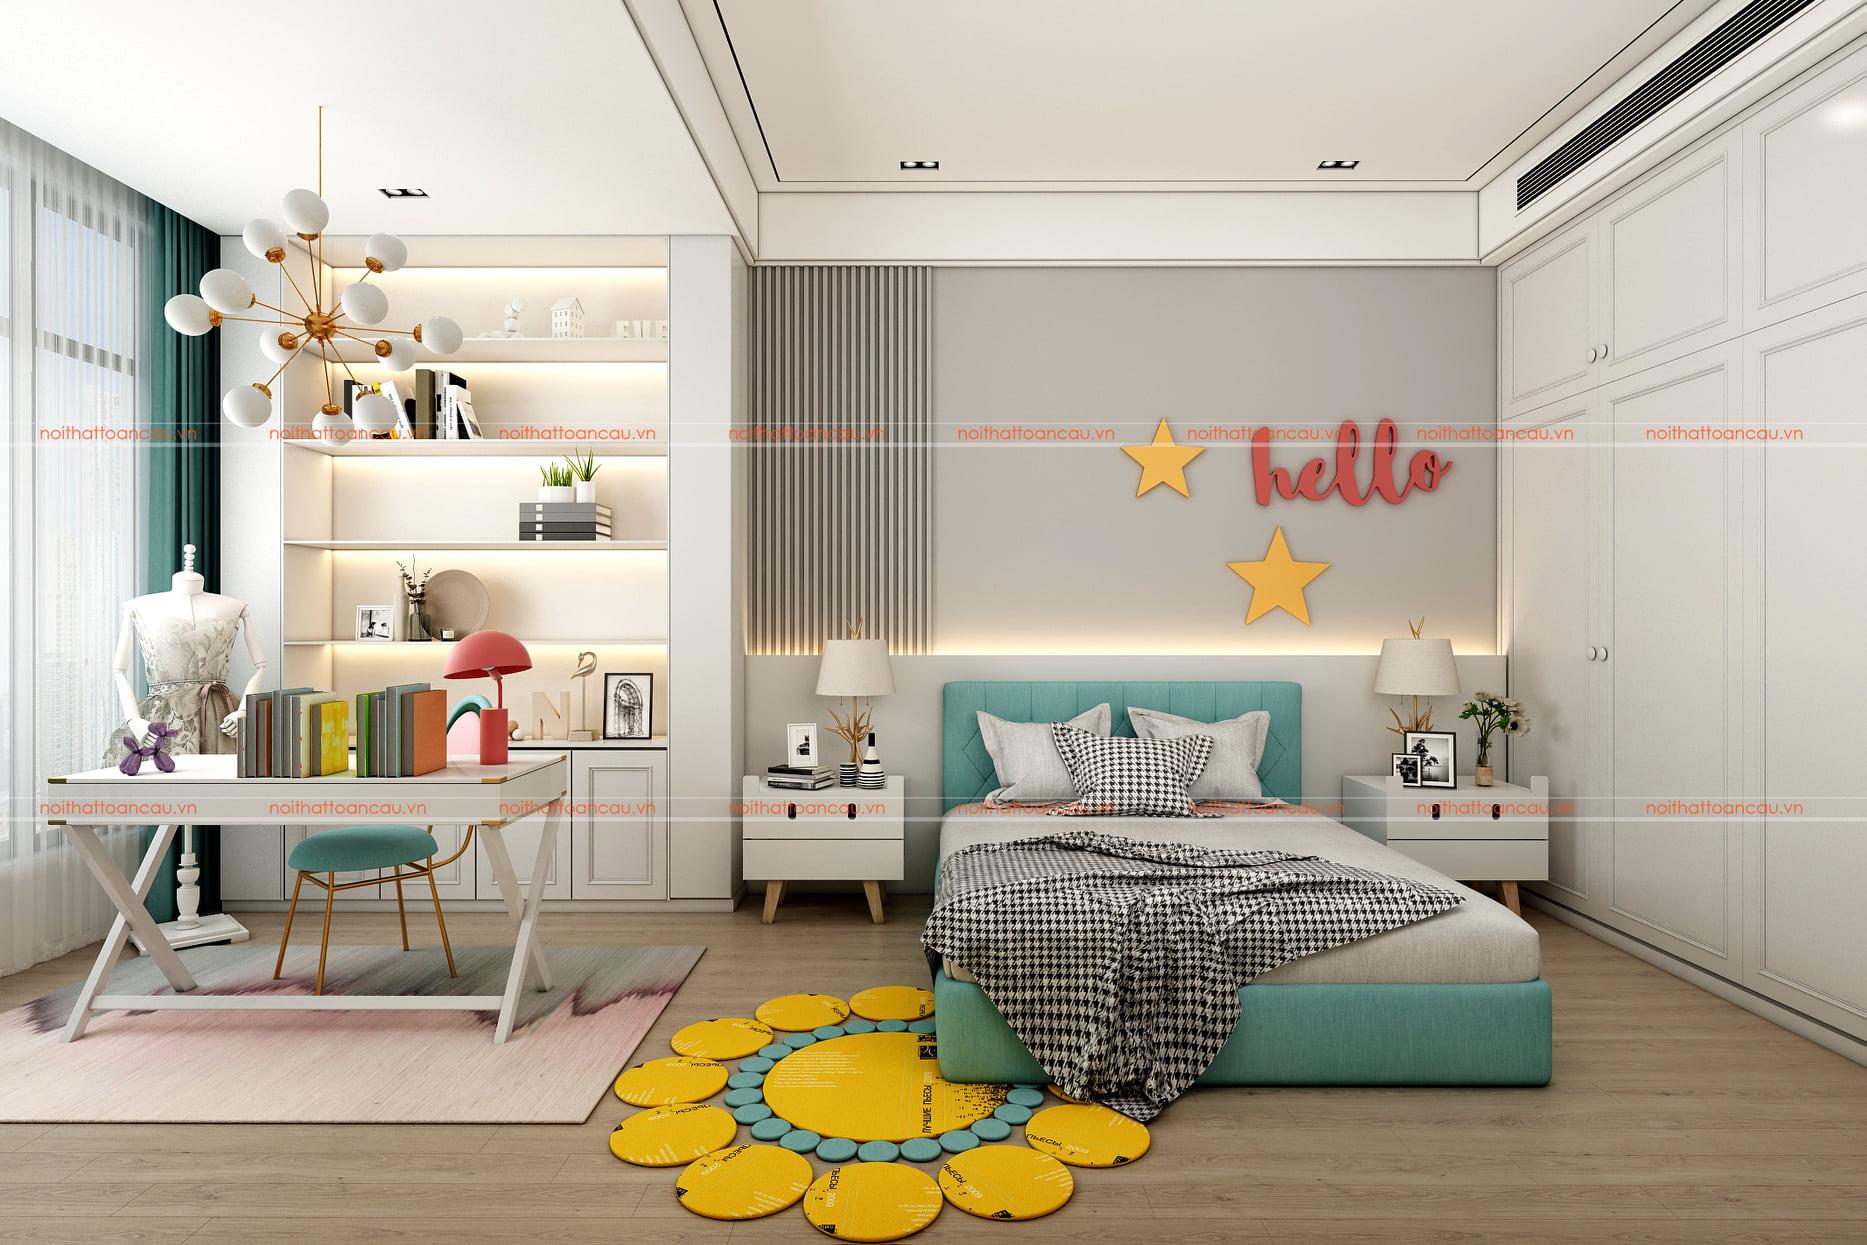 Phòng ngủ màu xanh rộng 20 m2 cho bé gái